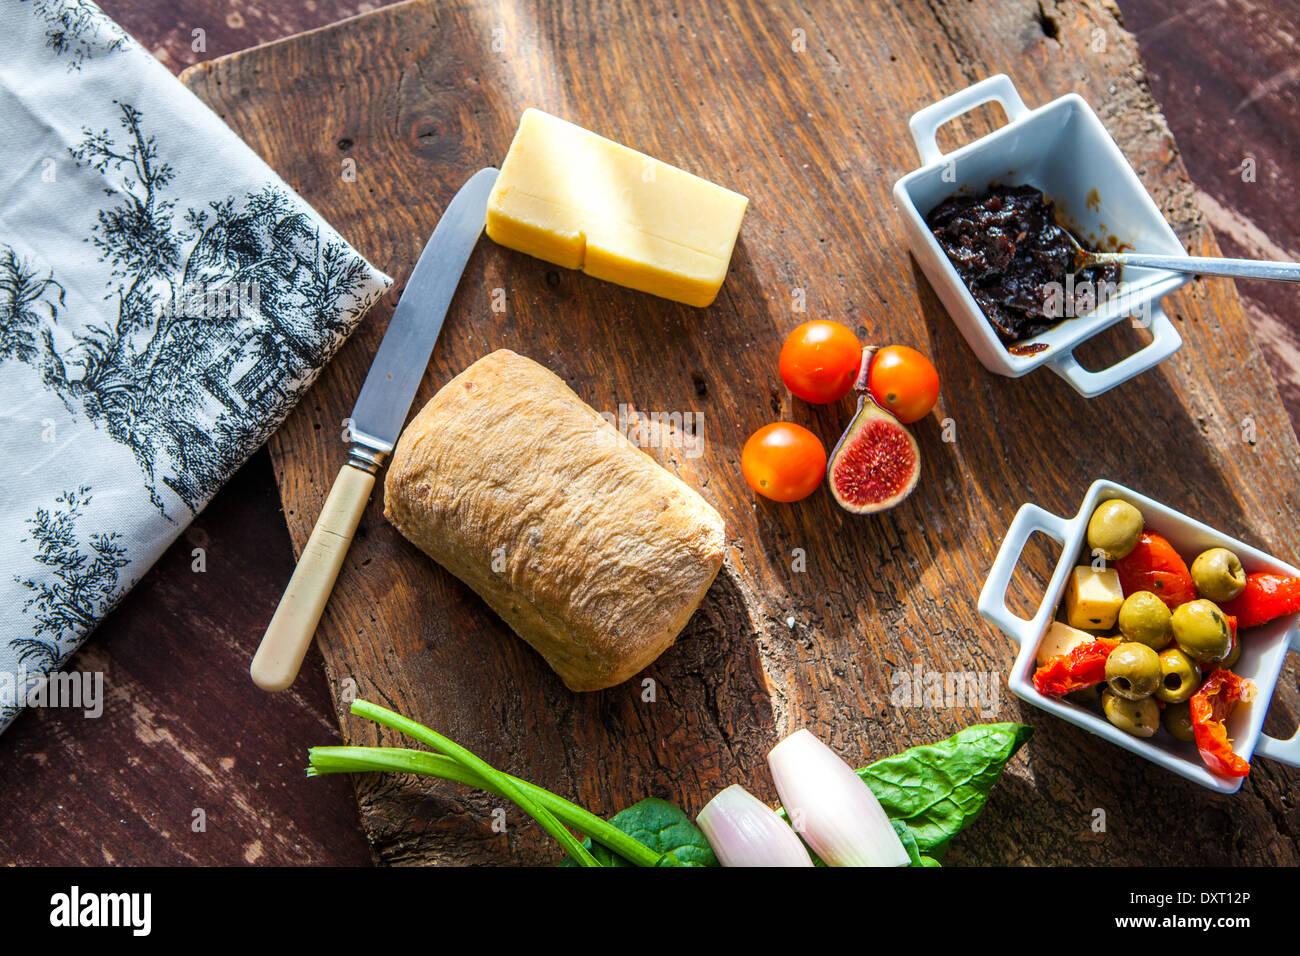 Gusto pub grazing board - Stock Image